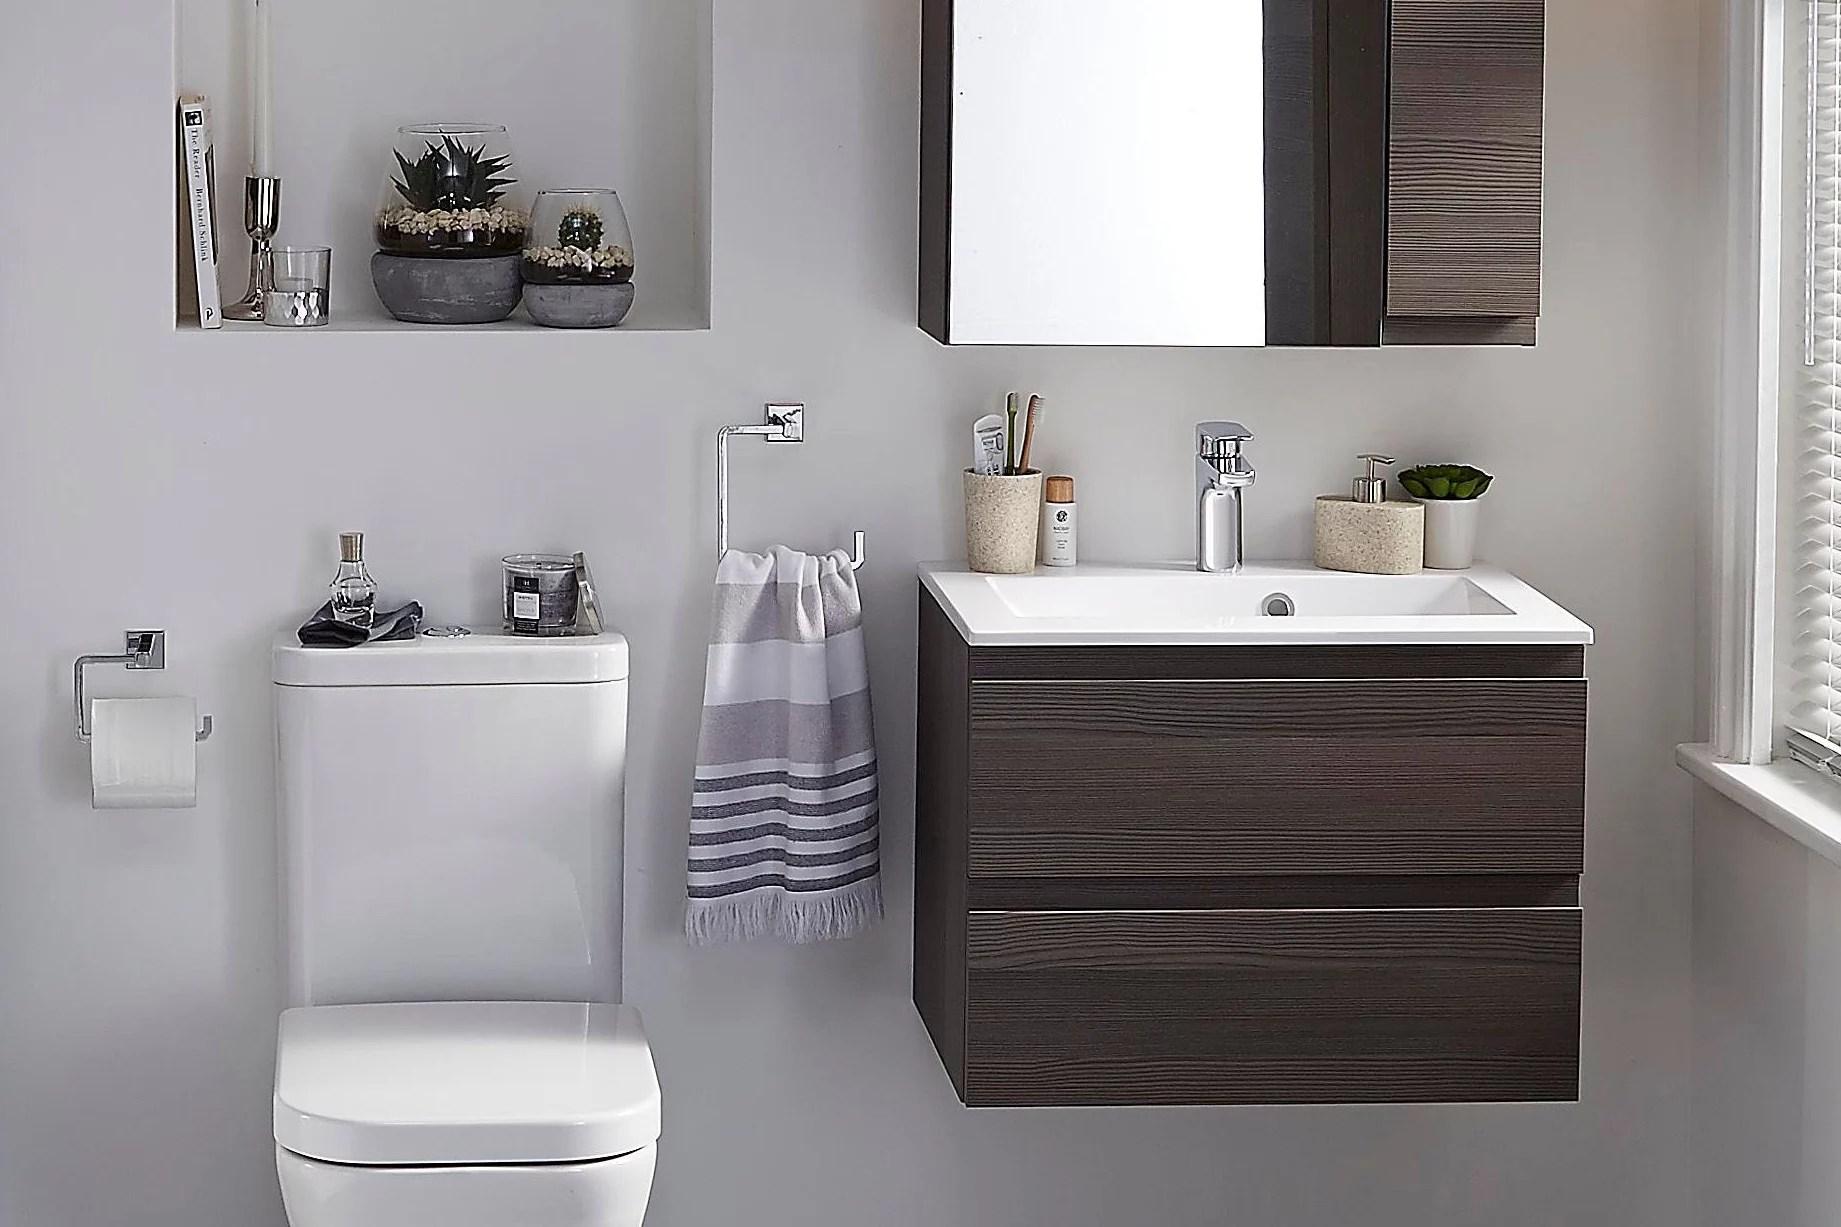 Small bathroom ideas | Ideas & Advice | DIY at B&Q on Small Bathroom Ideas With Tub id=30310